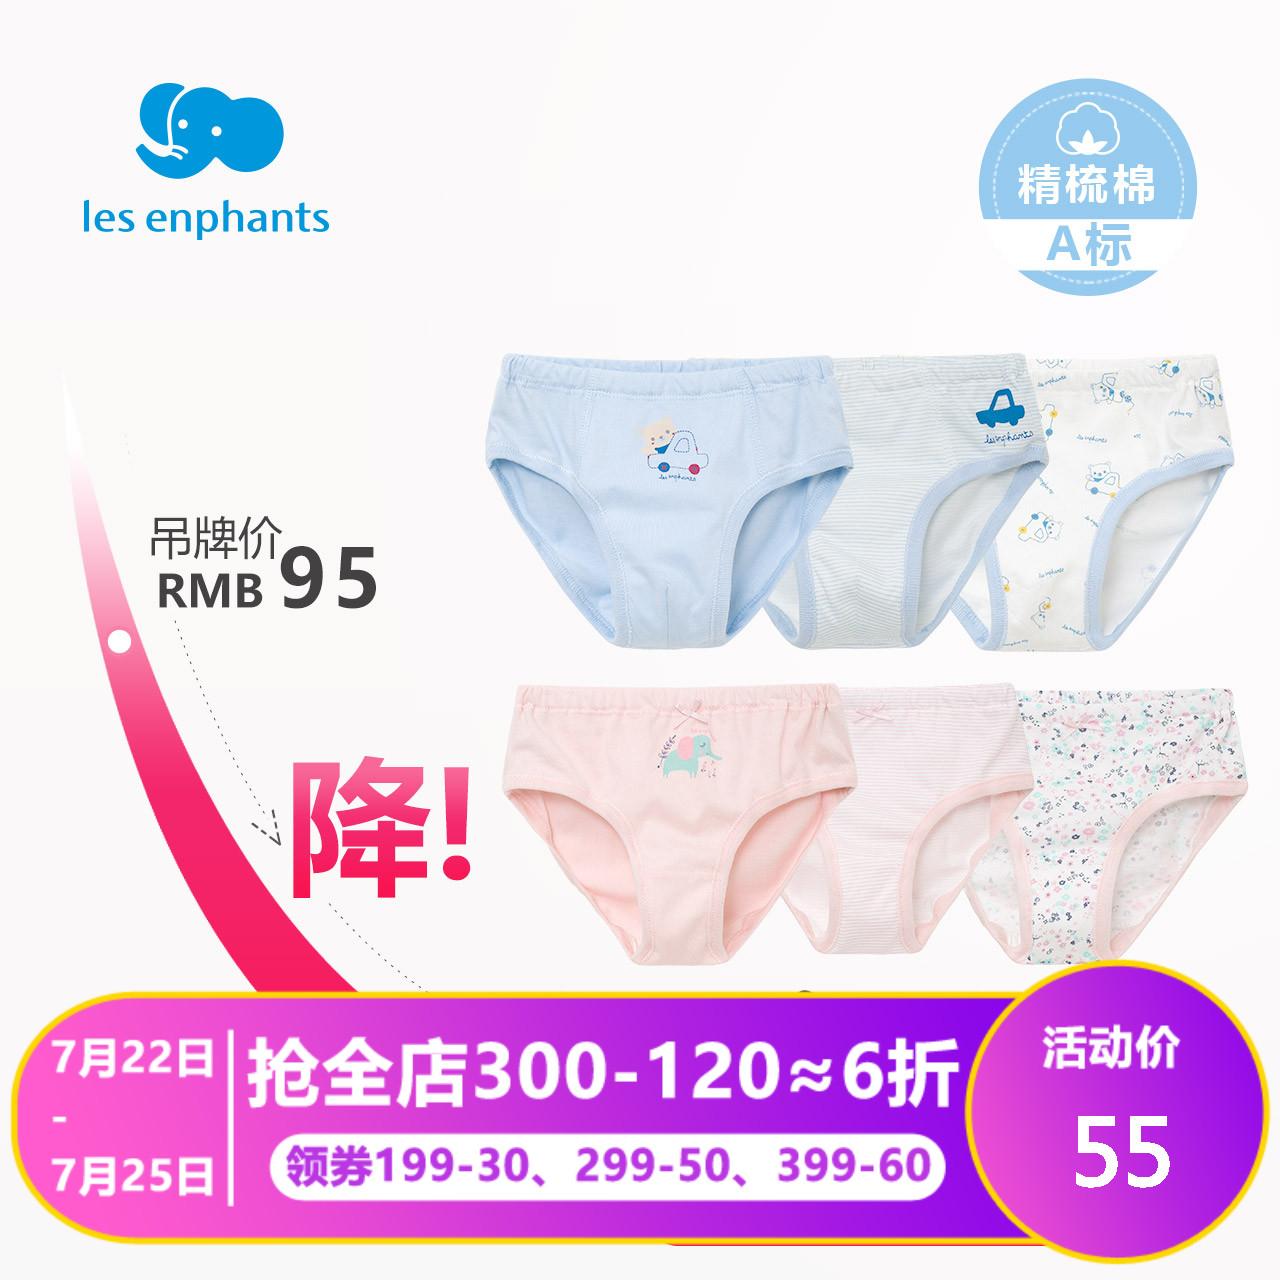 丽婴房儿童内裤男女宝宝纯棉三角裤小童卡通短裤100%棉内裤3条装